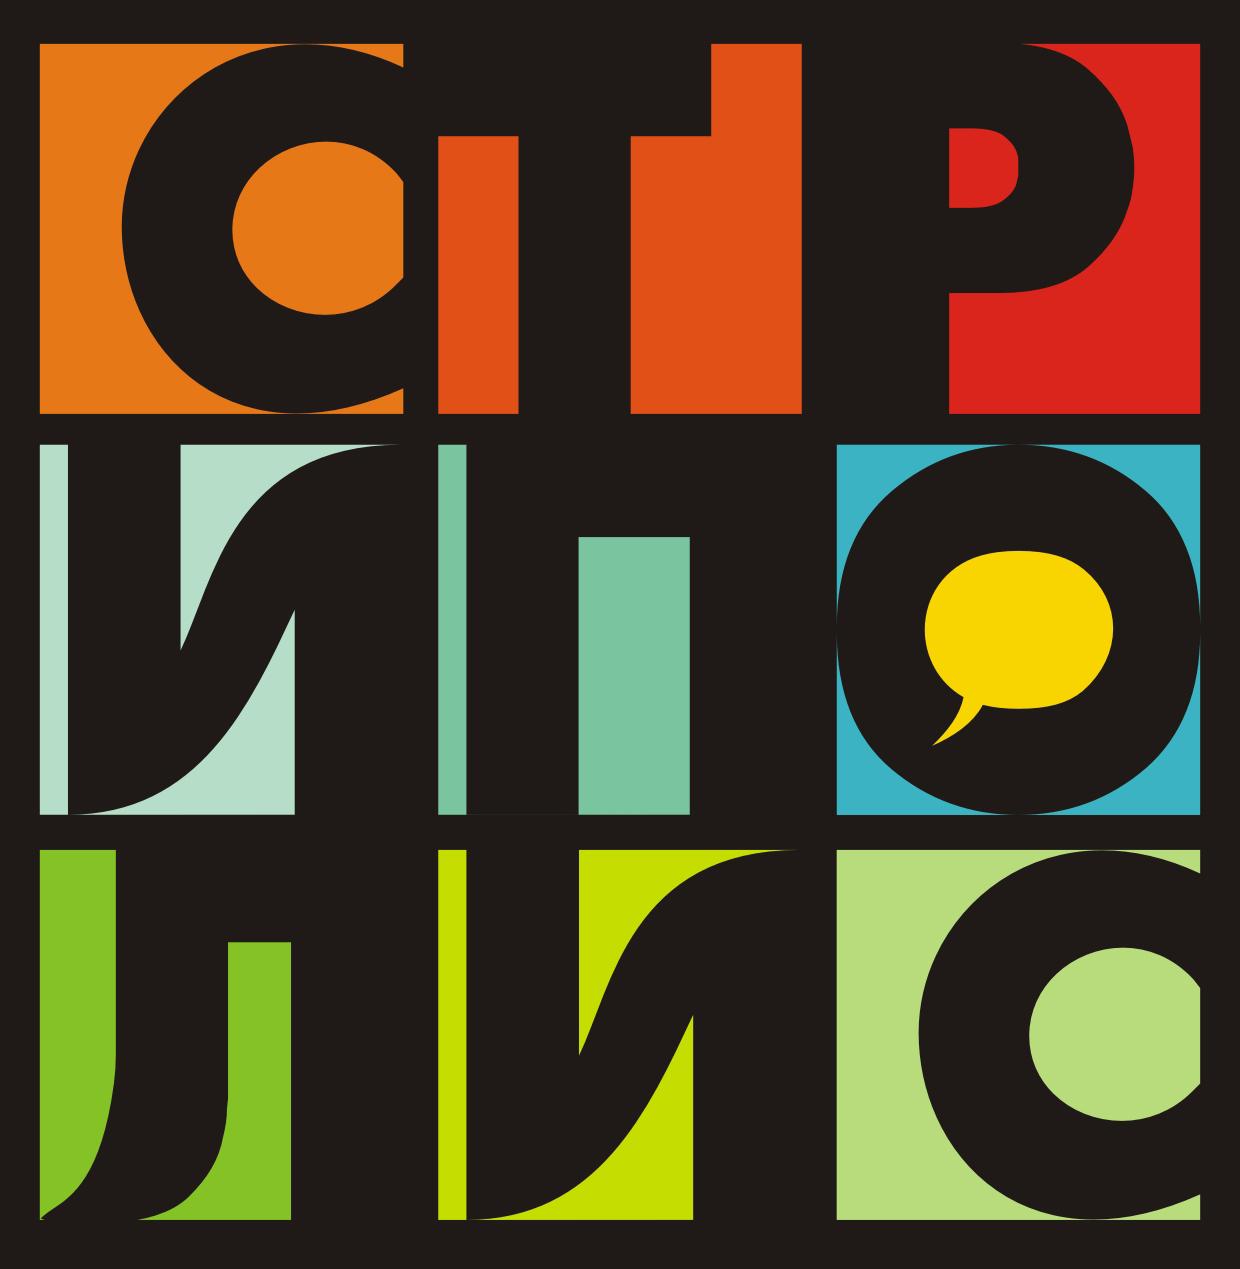 Stripolis logo